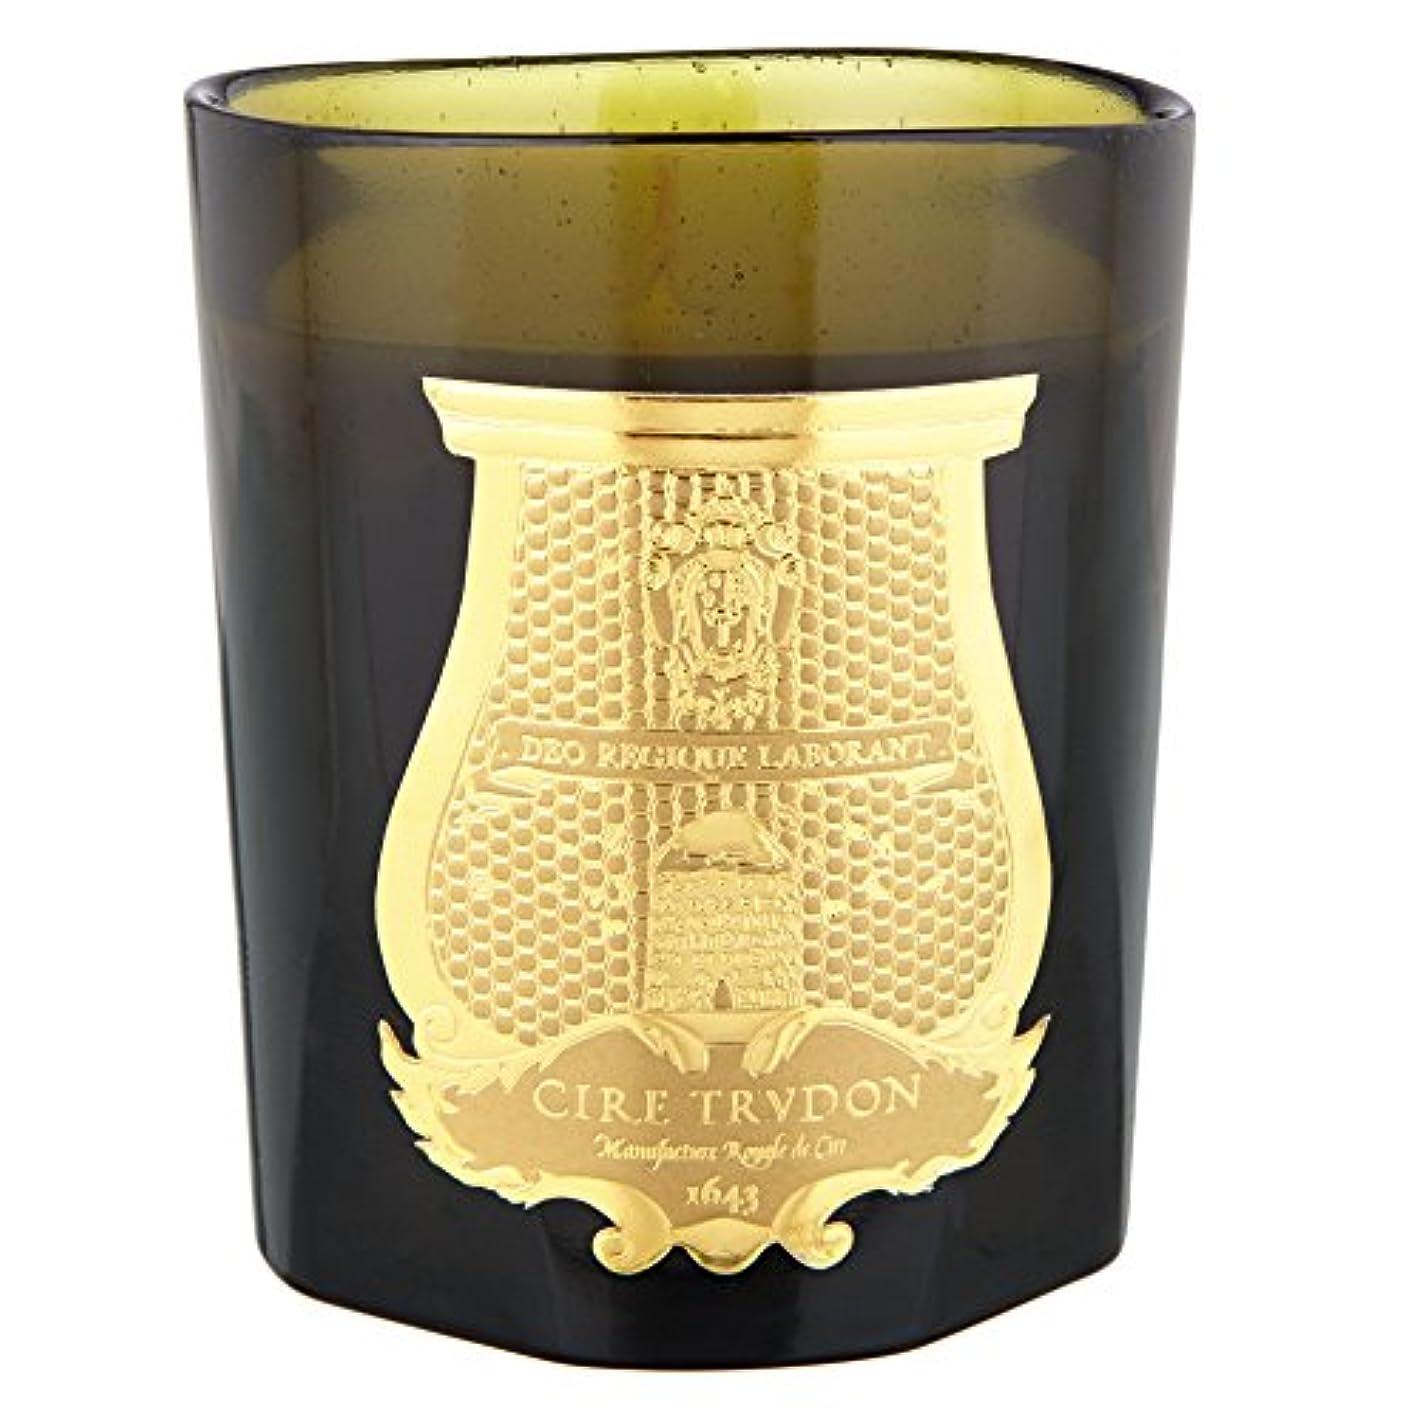 メンタル騒慣性Cire Trudon Odalisque Scented Candle (Pack of 2) - Cire Trudonオダリスク香りのキャンドル (Cire Trudon) (x2) [並行輸入品]